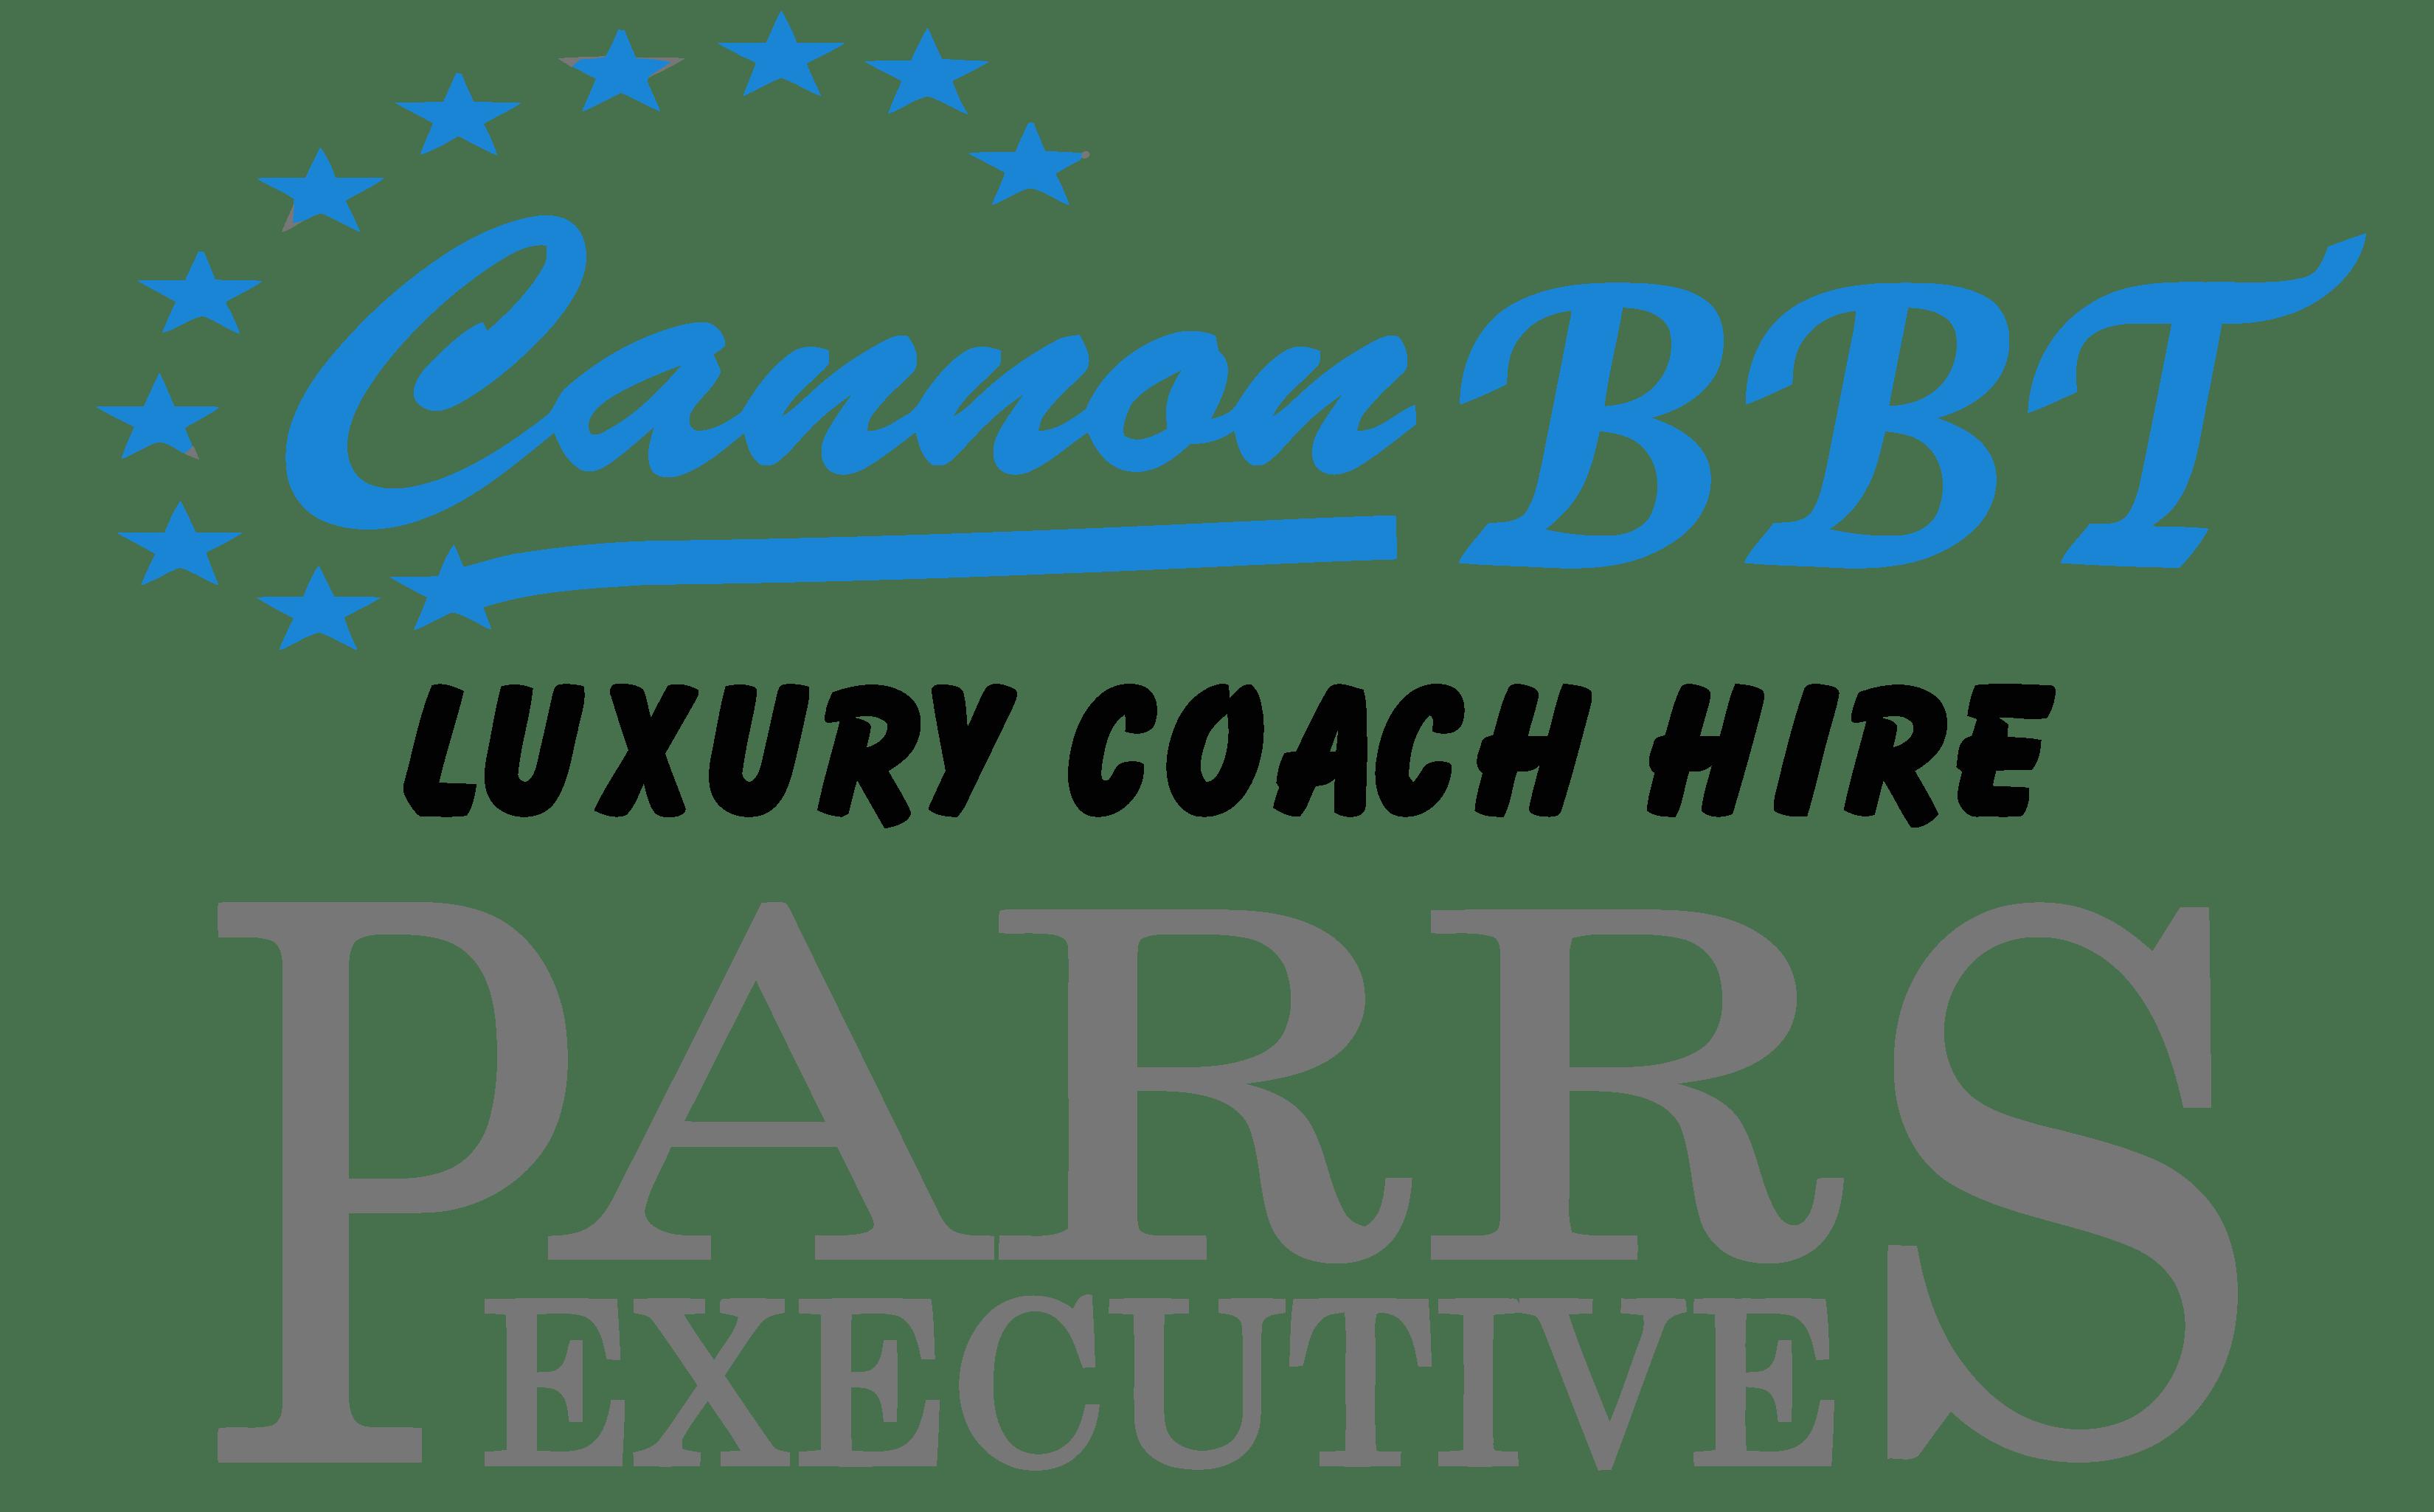 Parrs Executive